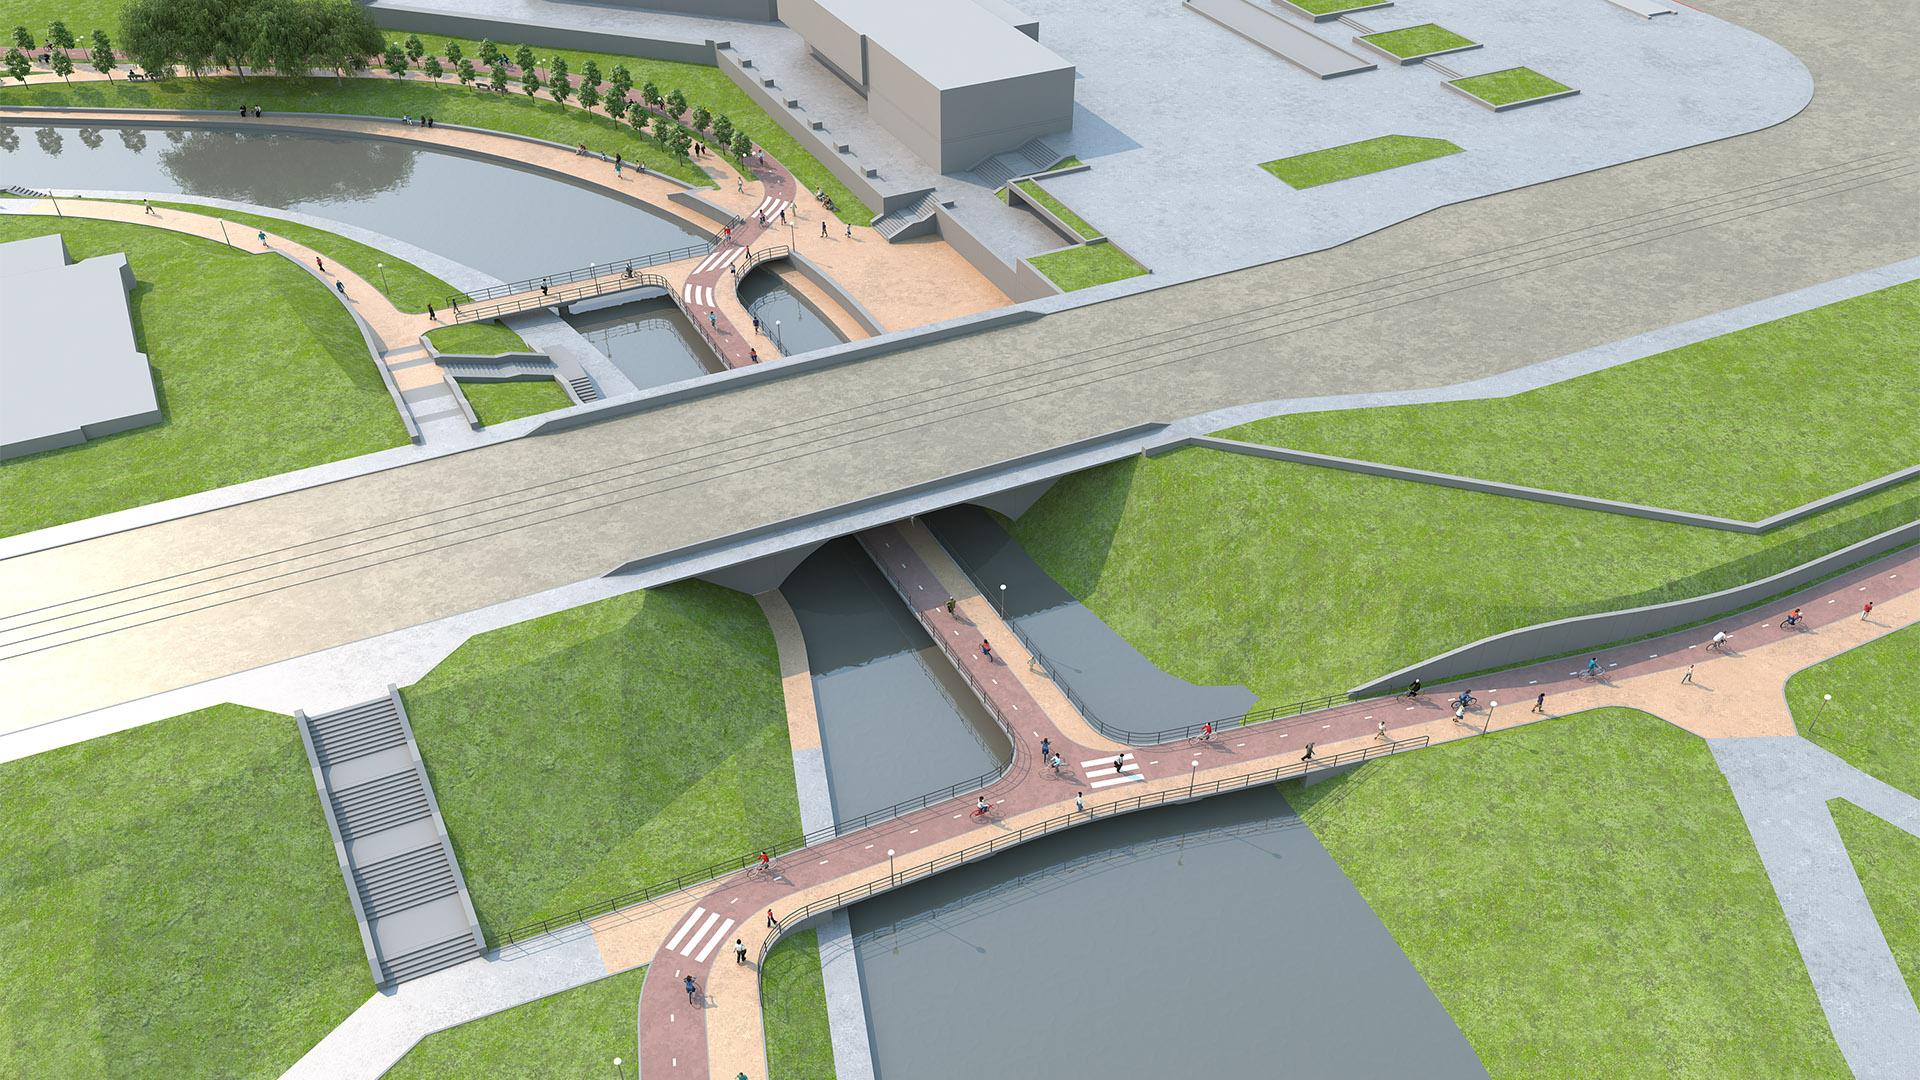 Велопешеходный мост под мостом на Куйбышева позволяет соединить все четыре угла перекрестка